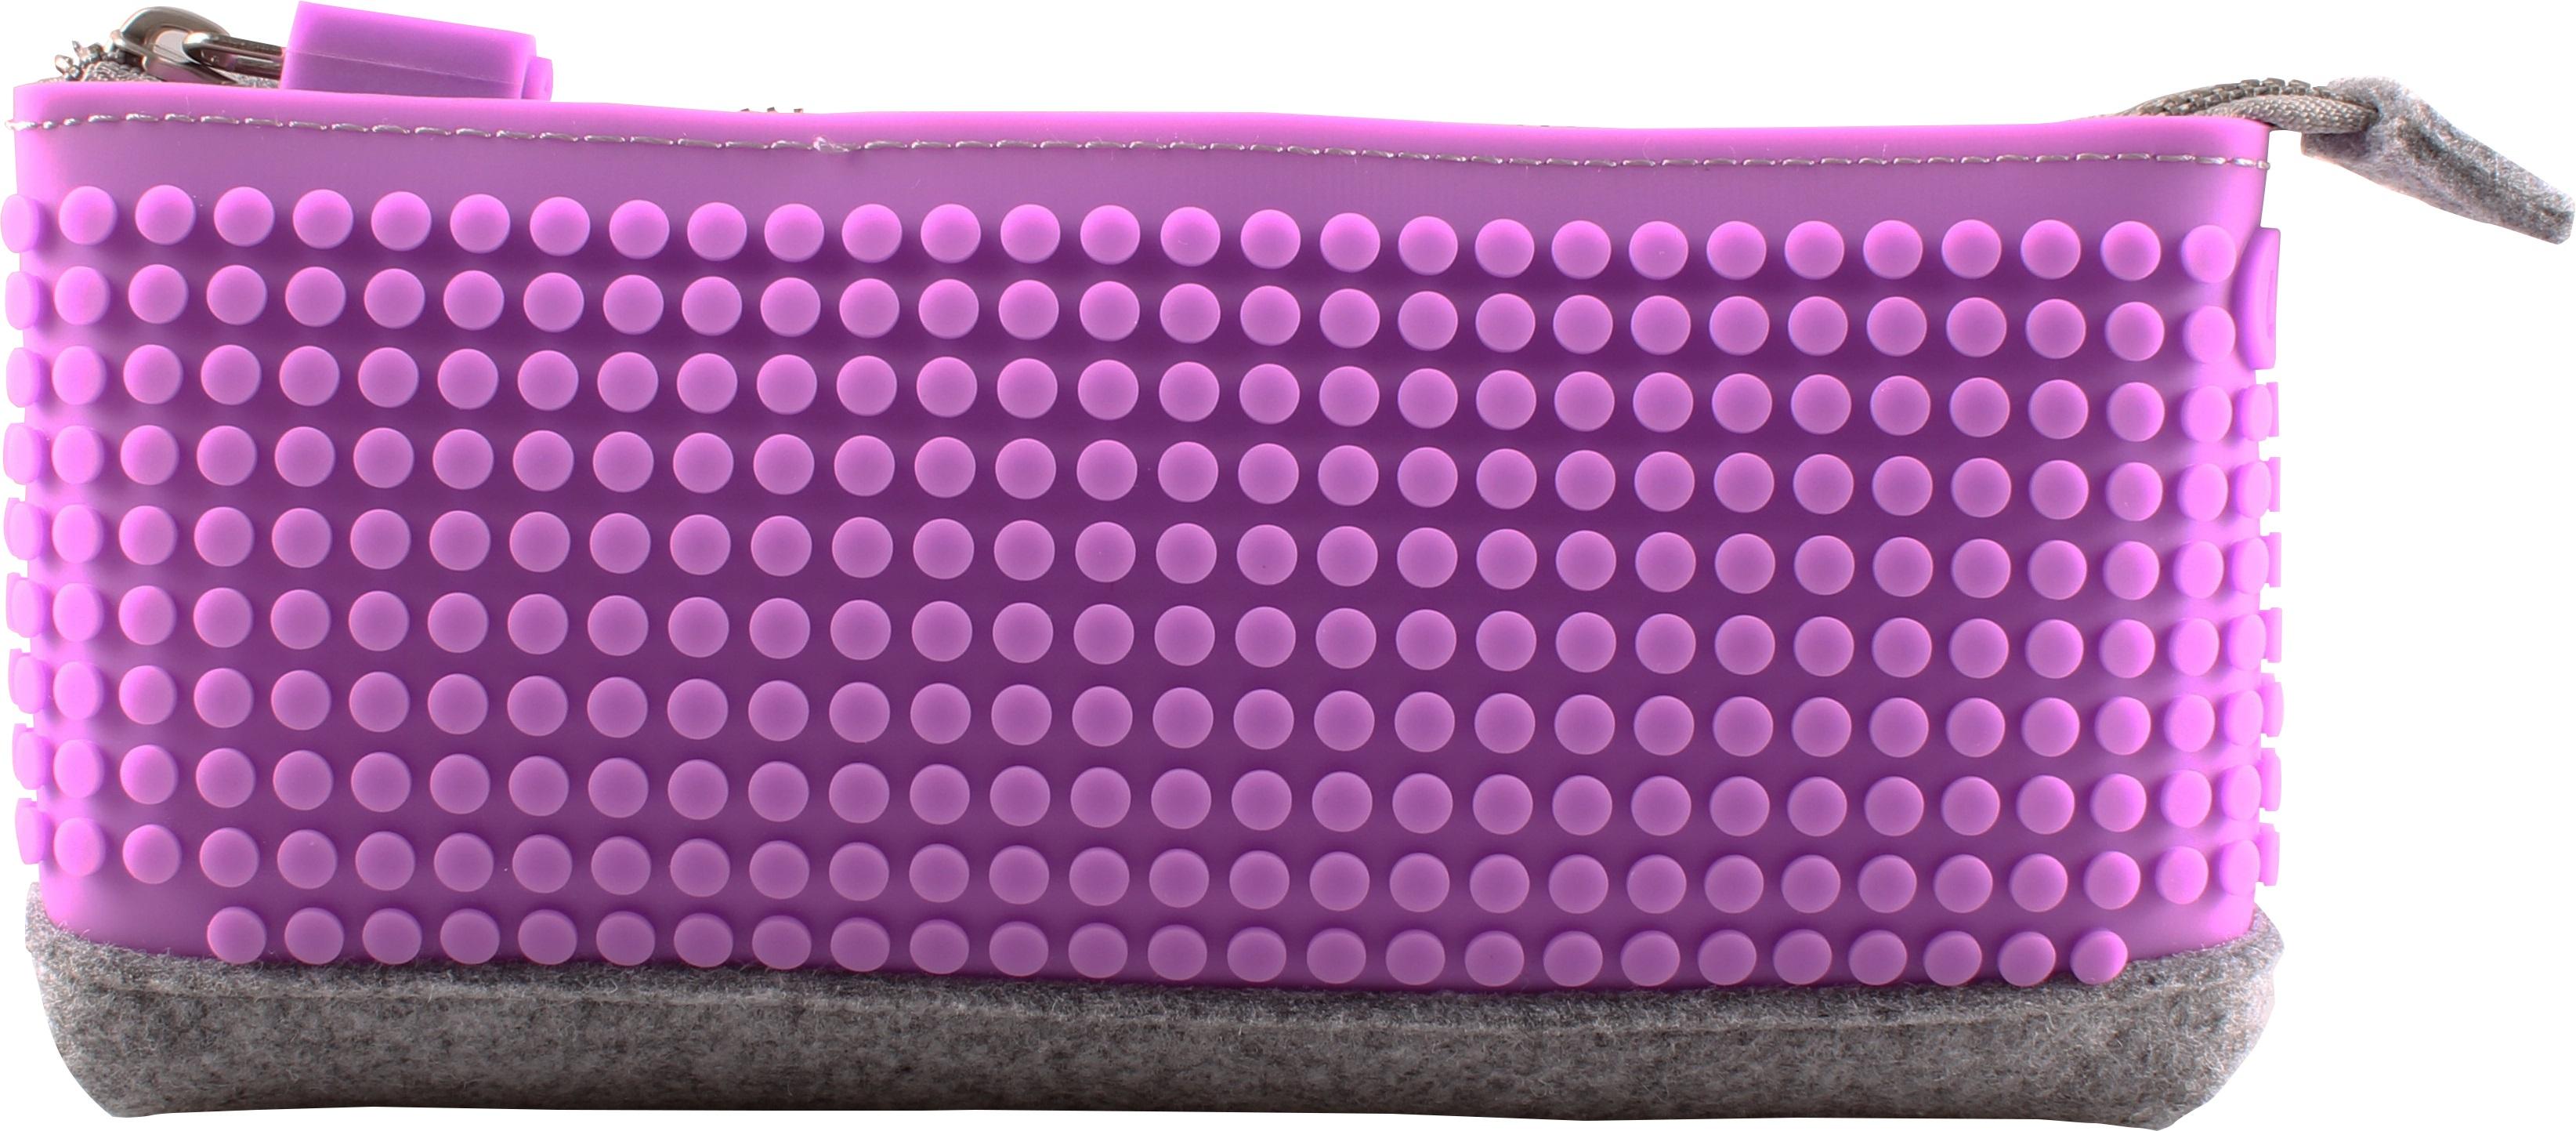 Пиксельный пенал (Pencil Case) WY-B002 (Фиолетовый)